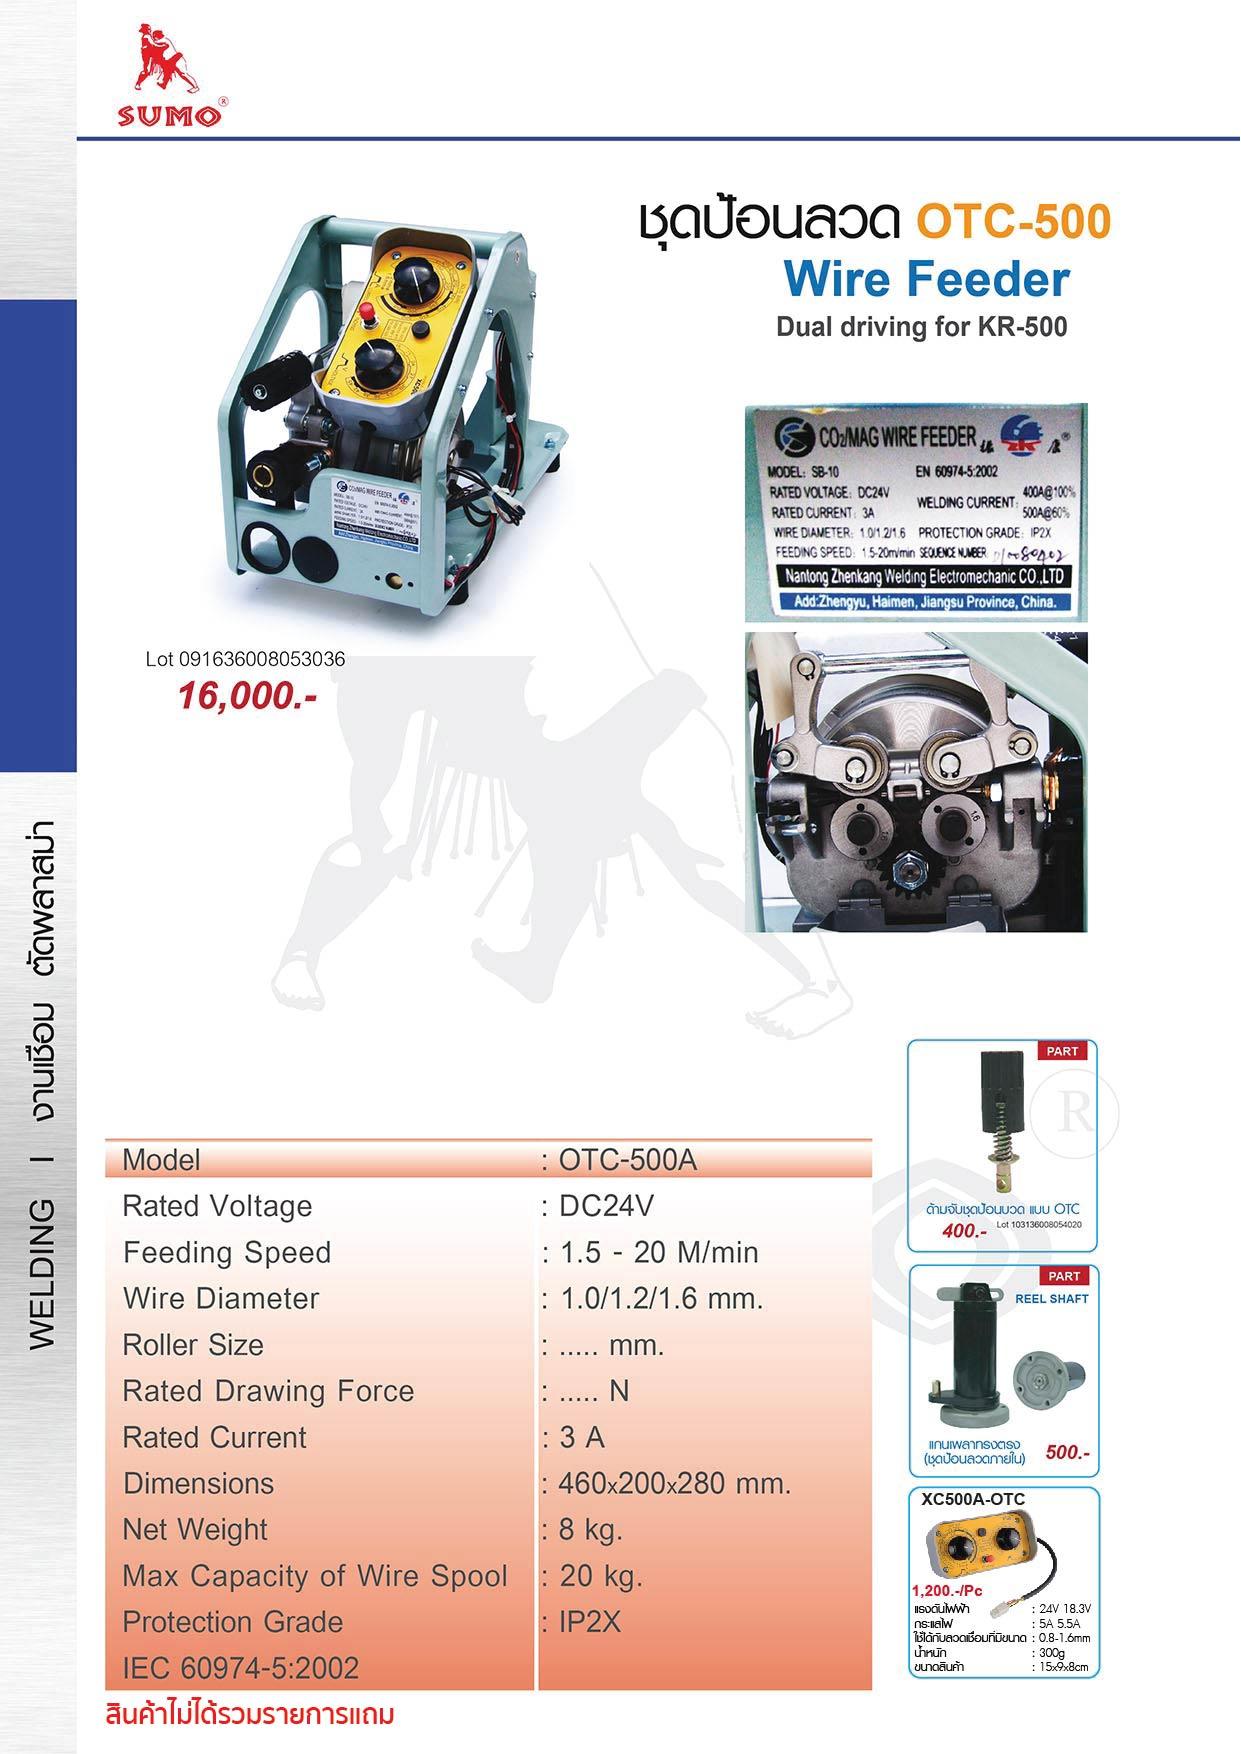 (59/240) ชุดป้อนลวด OTC-500